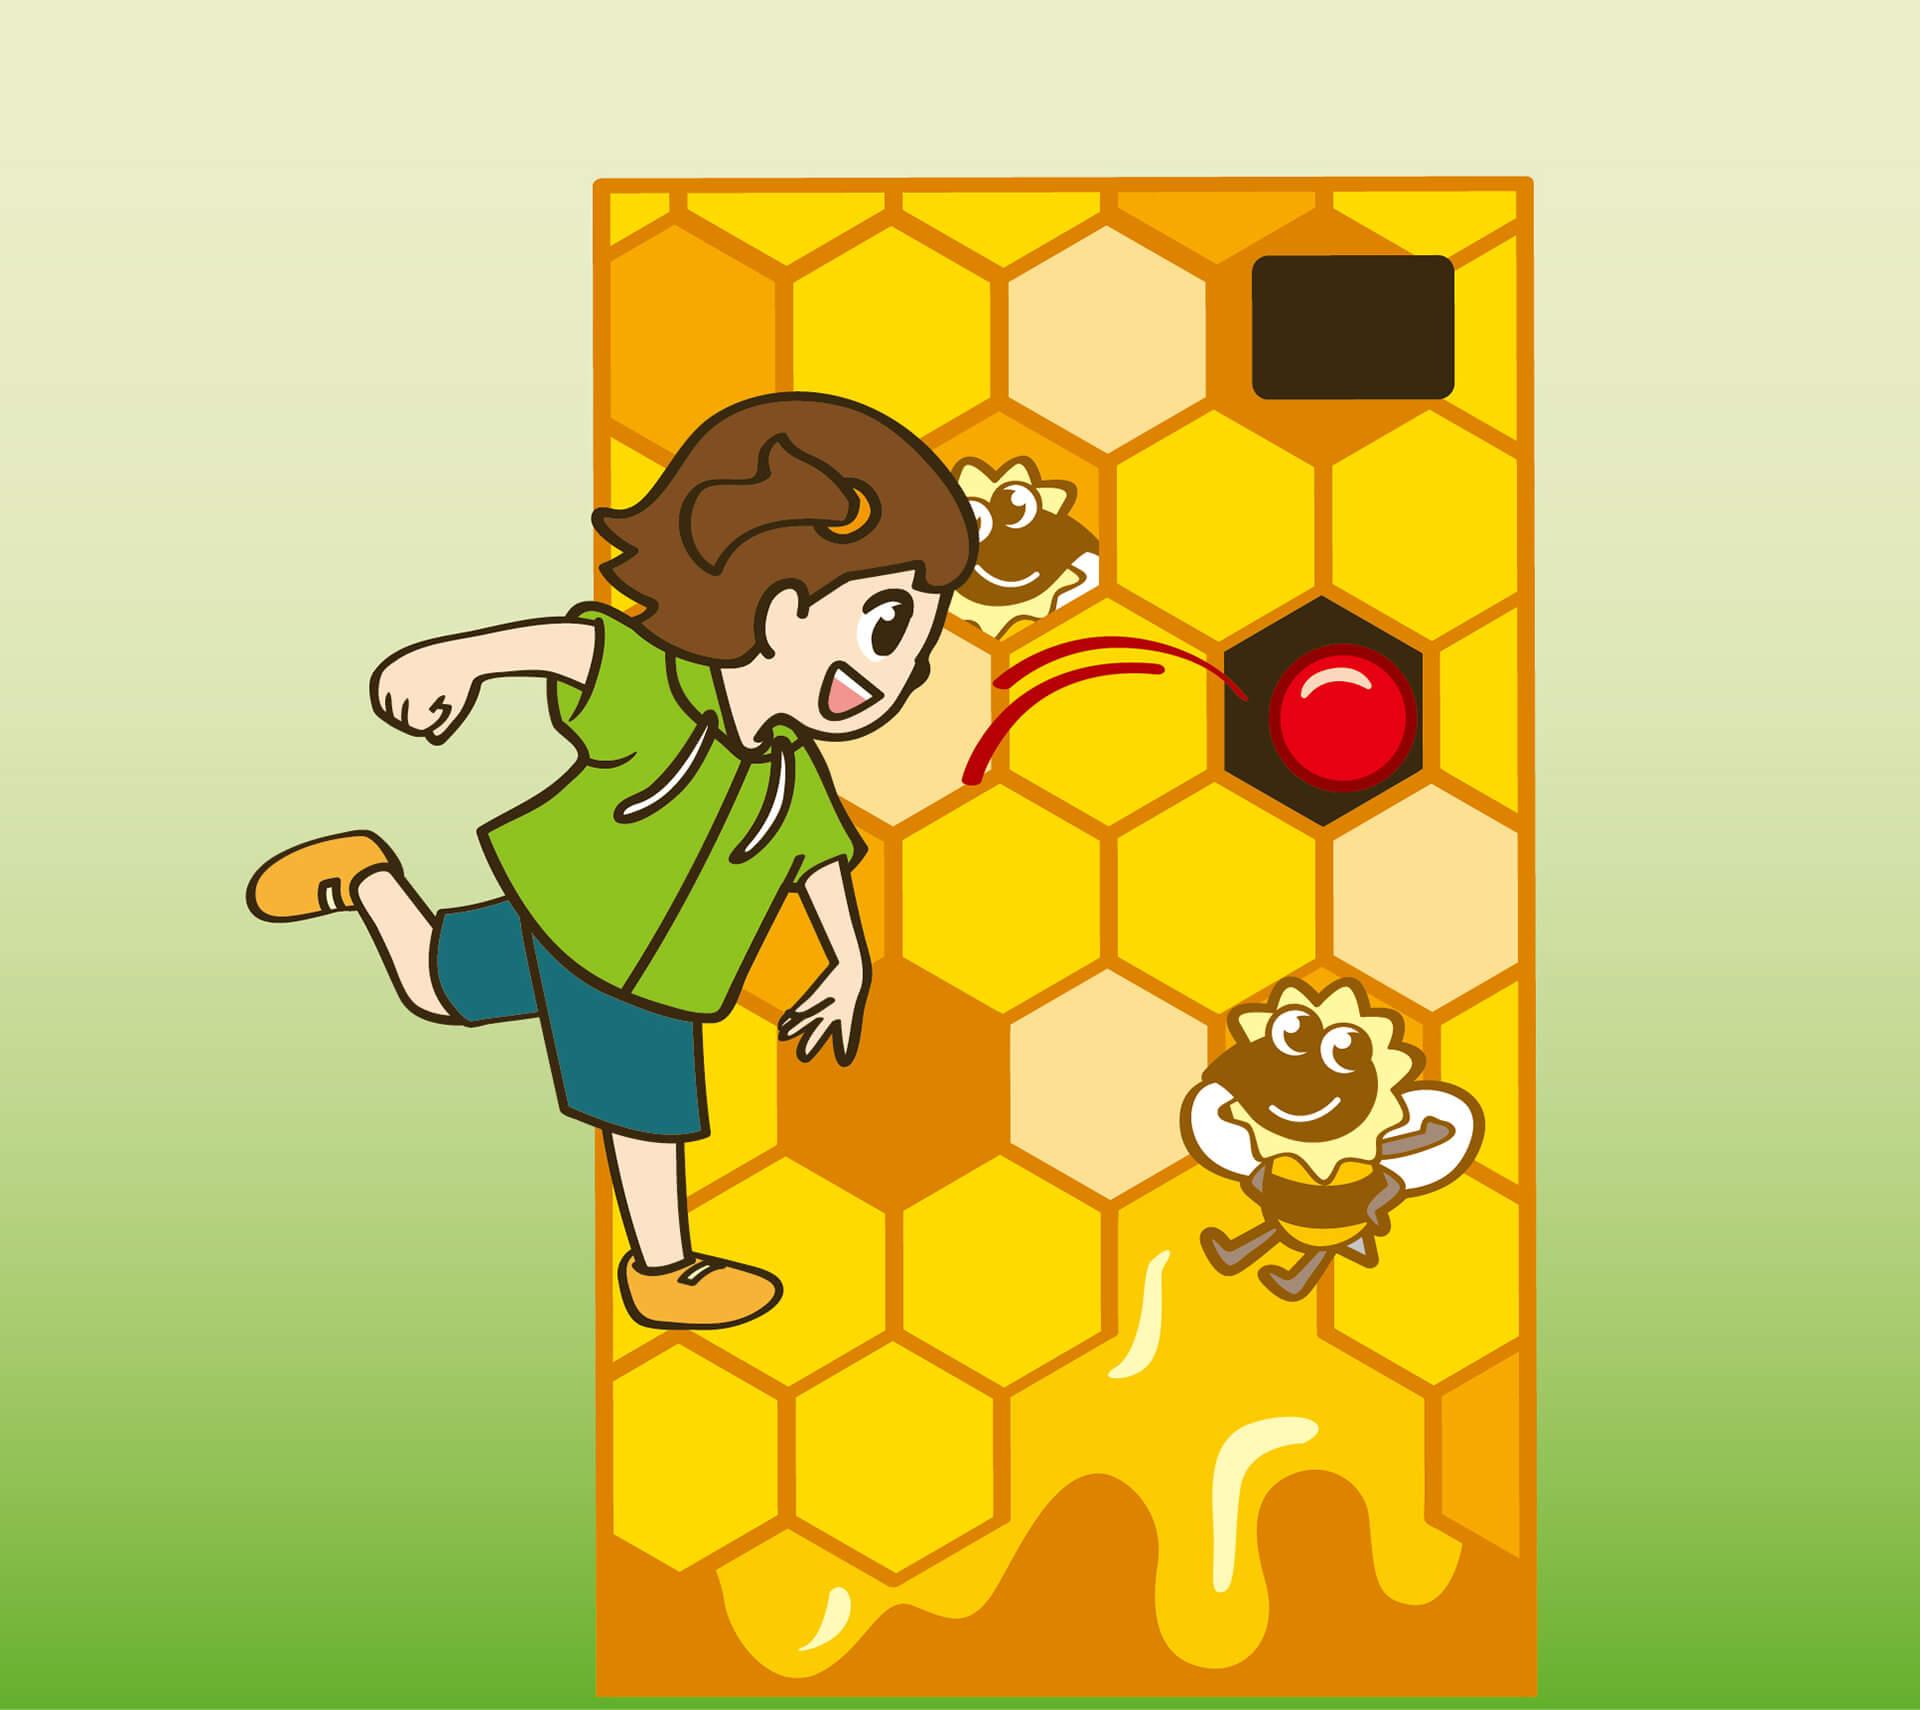 この写真は変身!昆虫スゴわざ展2019のコンテンツ紹介・ミツバチ・ハニーショット。蜂の巣めがけてボールを投げるイラストです